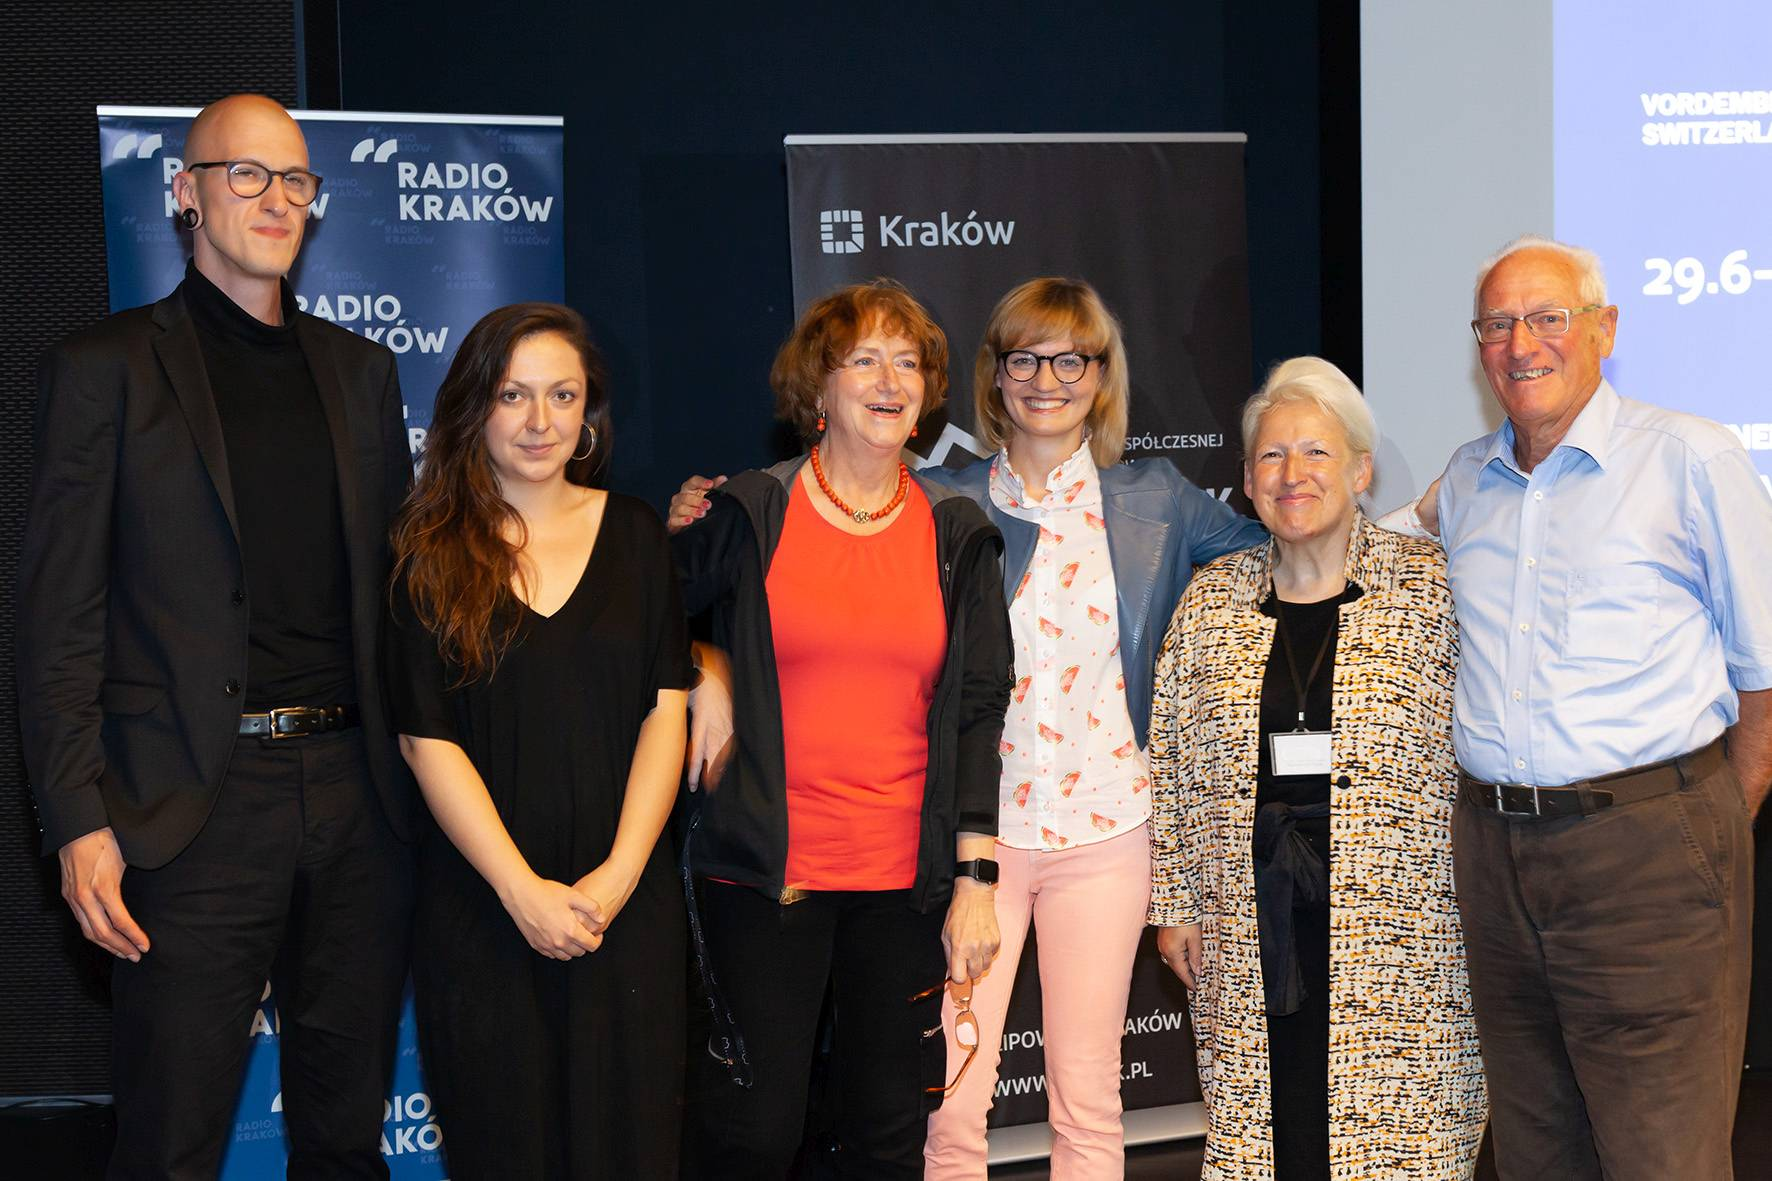 Nagroda Fundacji Vordemberge-Gildewart, Na zdjęciu od lewej: Maciej Cholewa, Diana Lelonek, Maria Anna Potocka, Delfina Jałowik, Arta Valstar-Verhoff, Egon Bruhin, fot. Rafał Sosin (źródło: materiały prasowe organizatora)